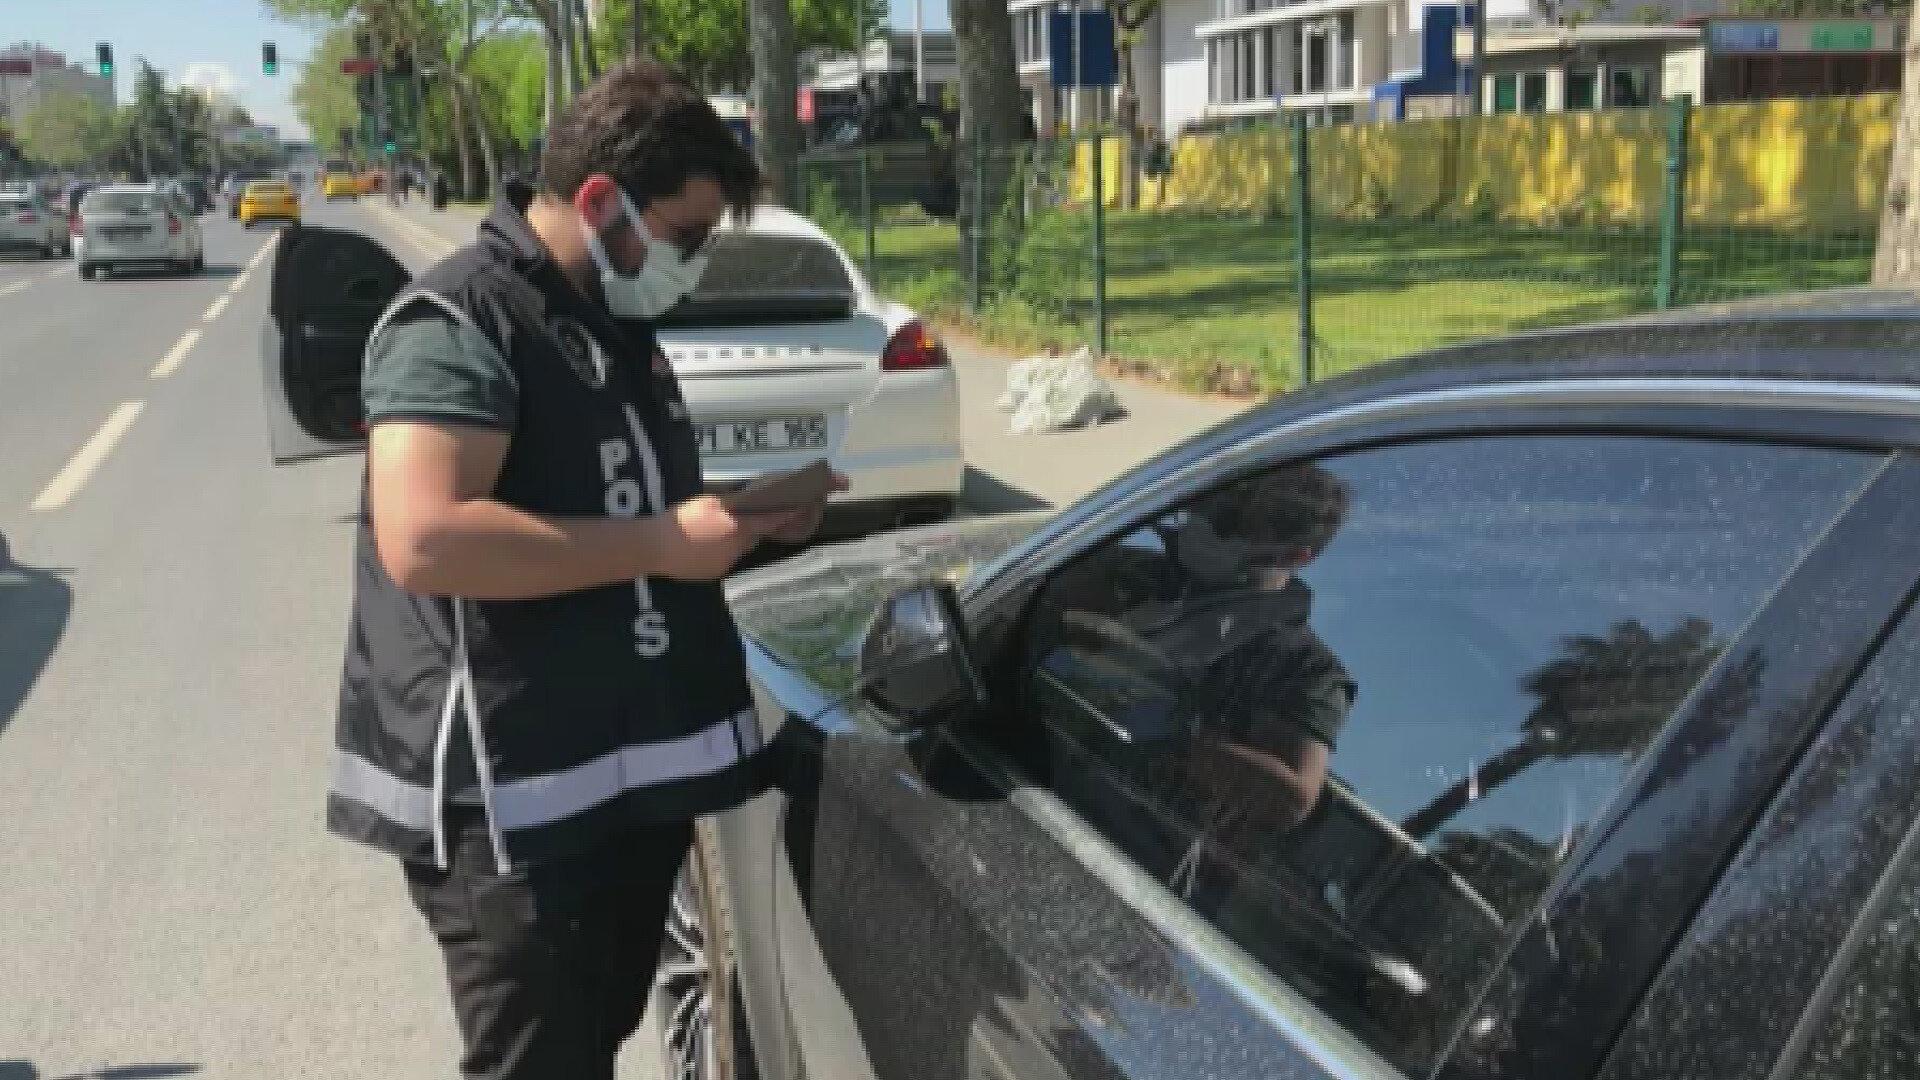 Otomobillerden bazılarının uluslararası düzeyde aranan araçlar olduğu da belirlendi.